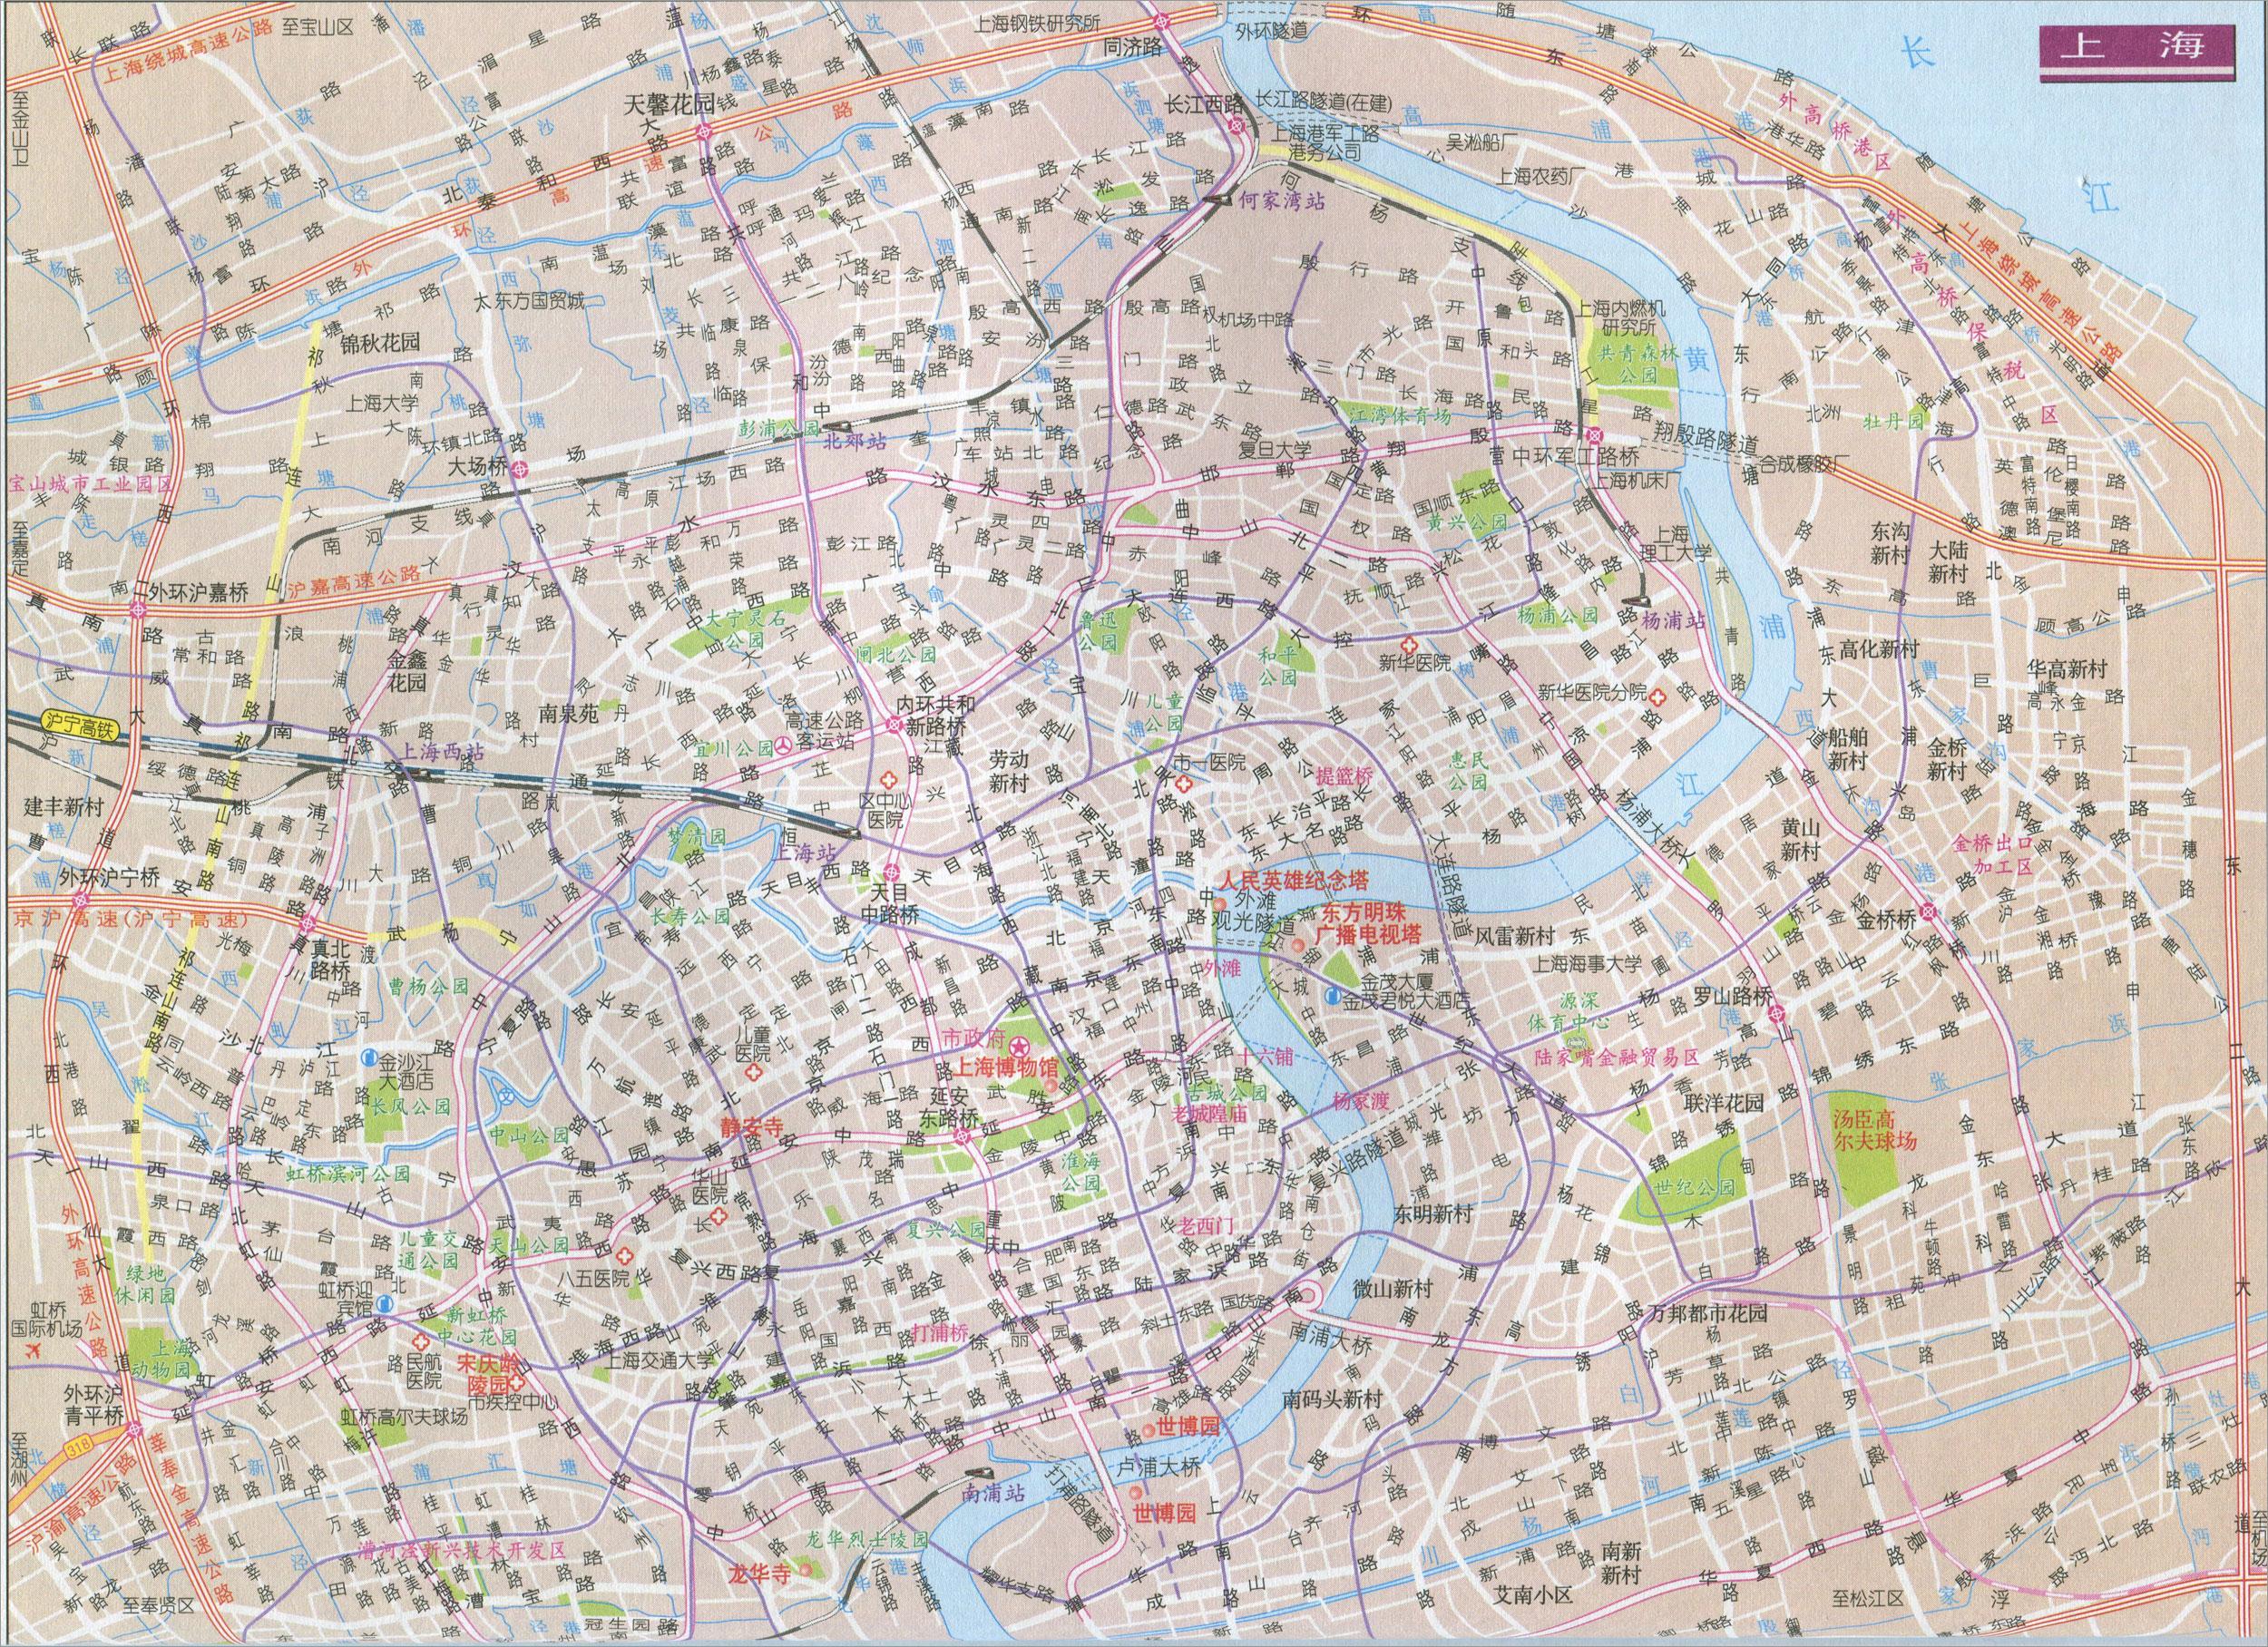 地图窝 中国地图 上海 >> 上海市区地图  [1] [2] 下一页 上一张地图